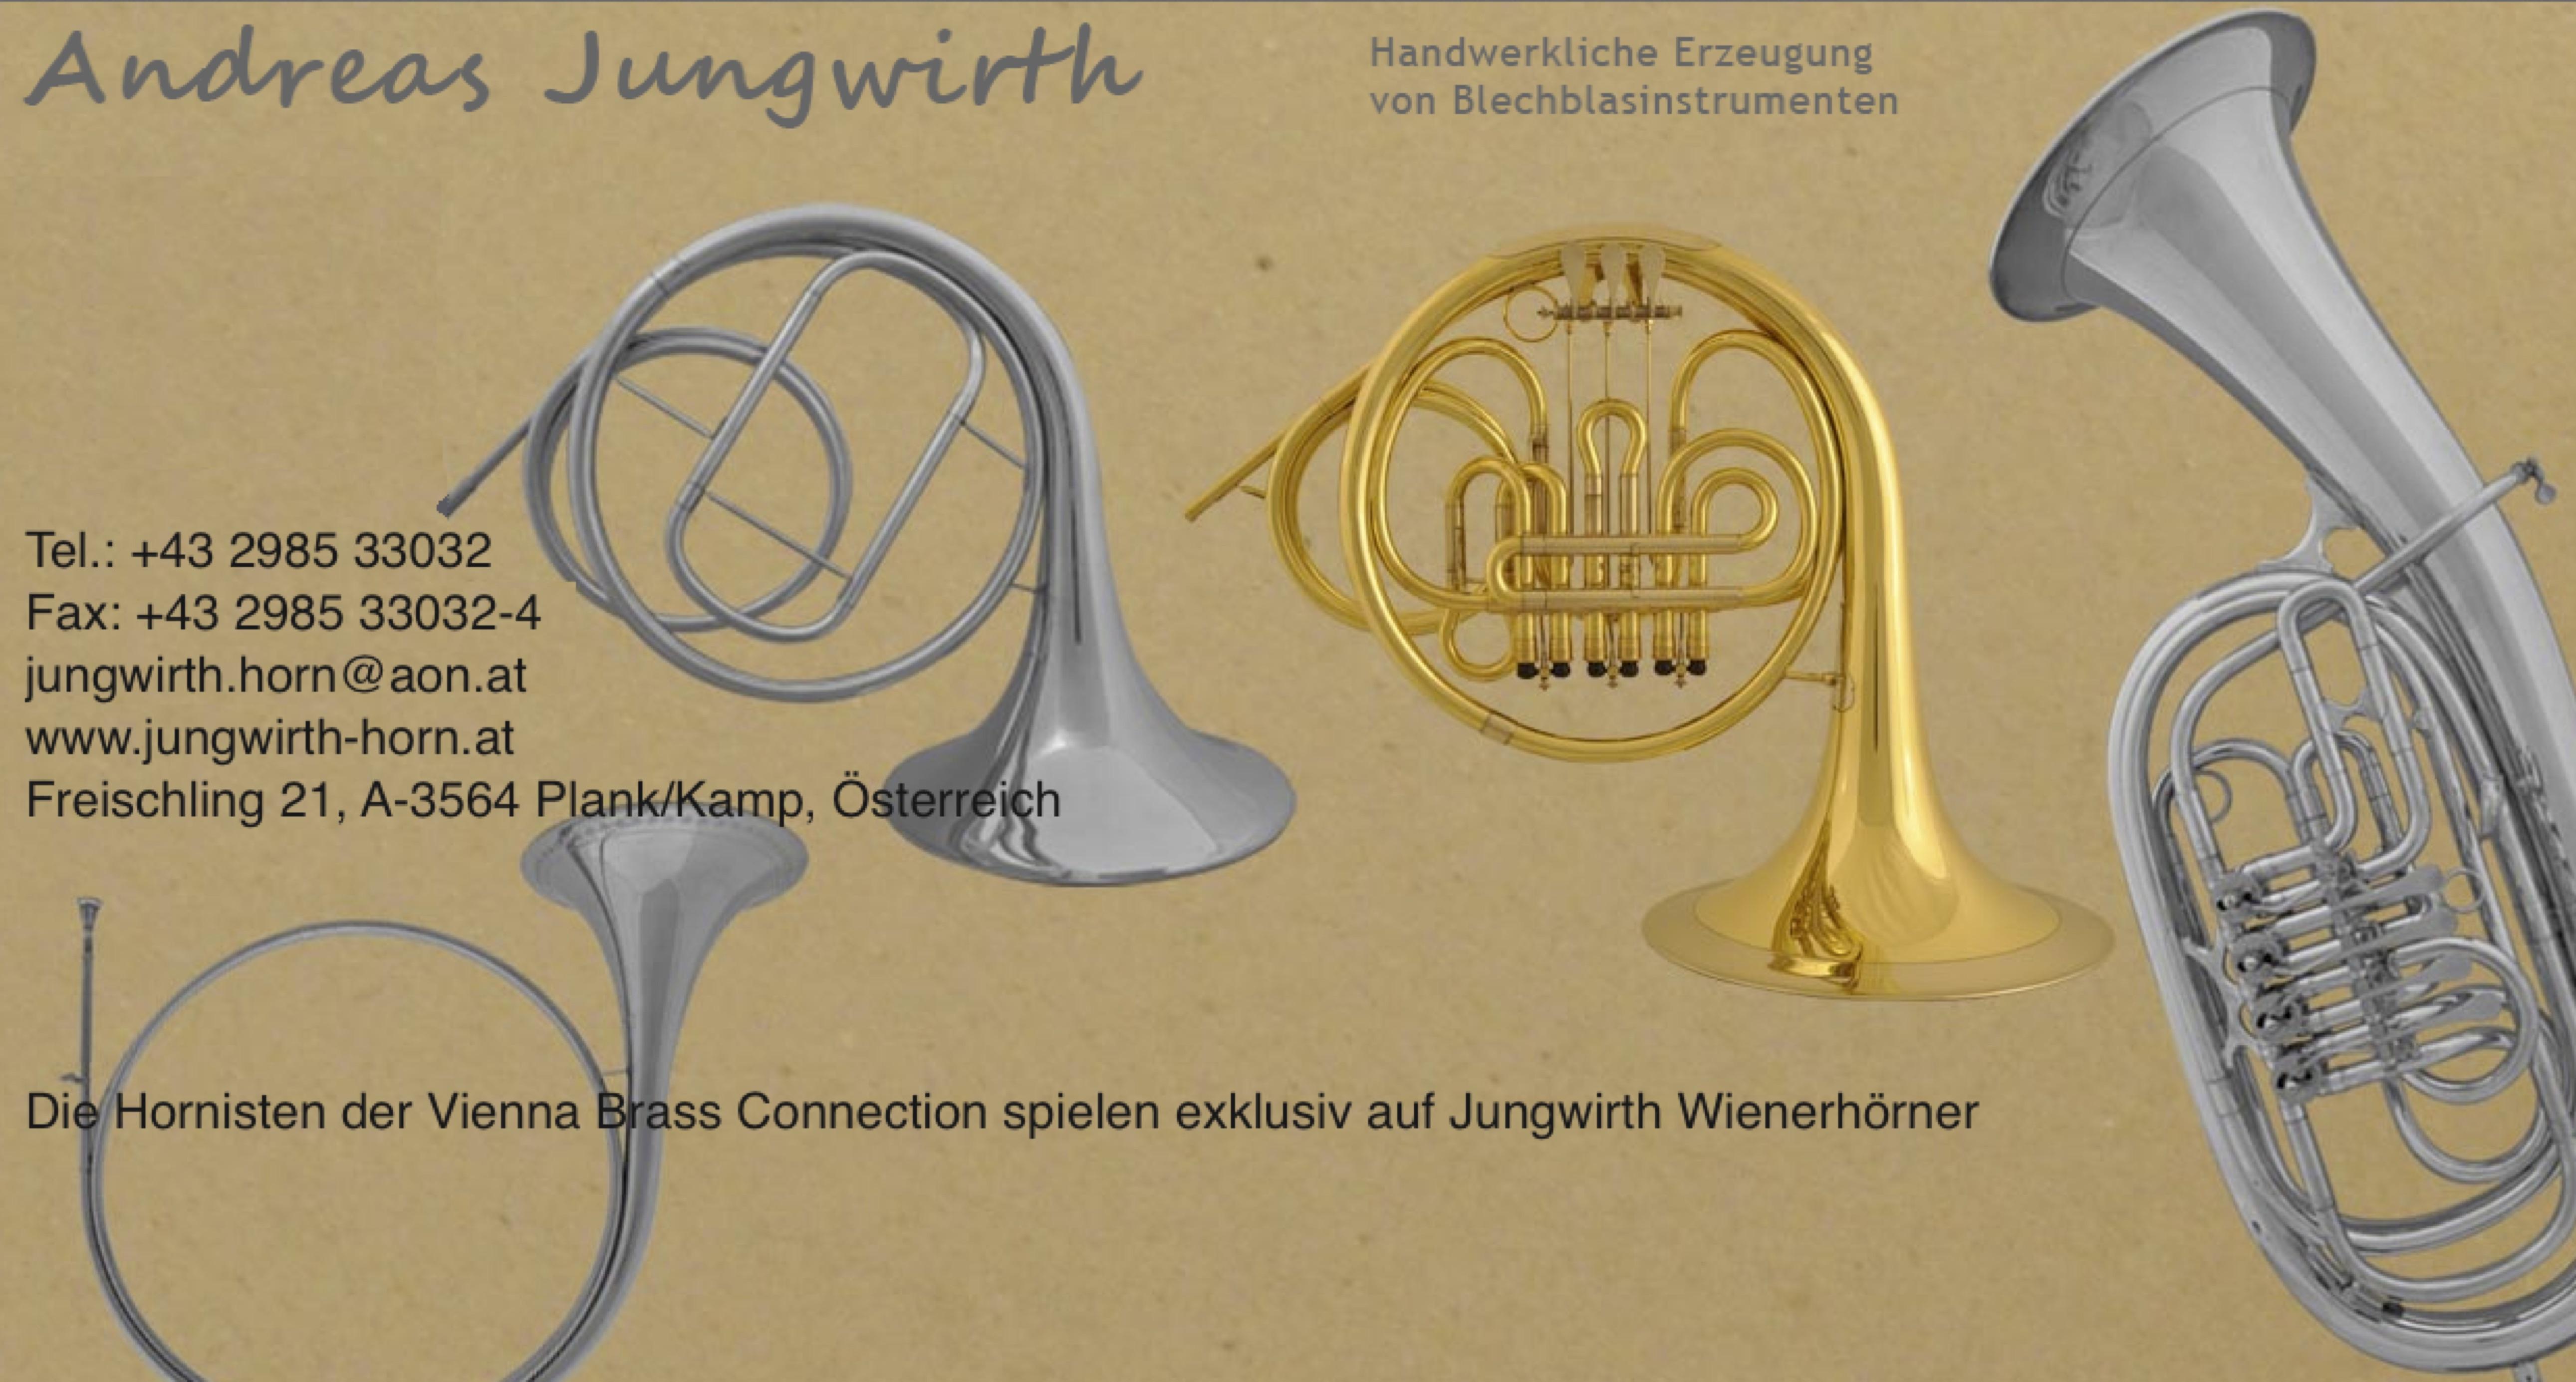 Jungwirth logo